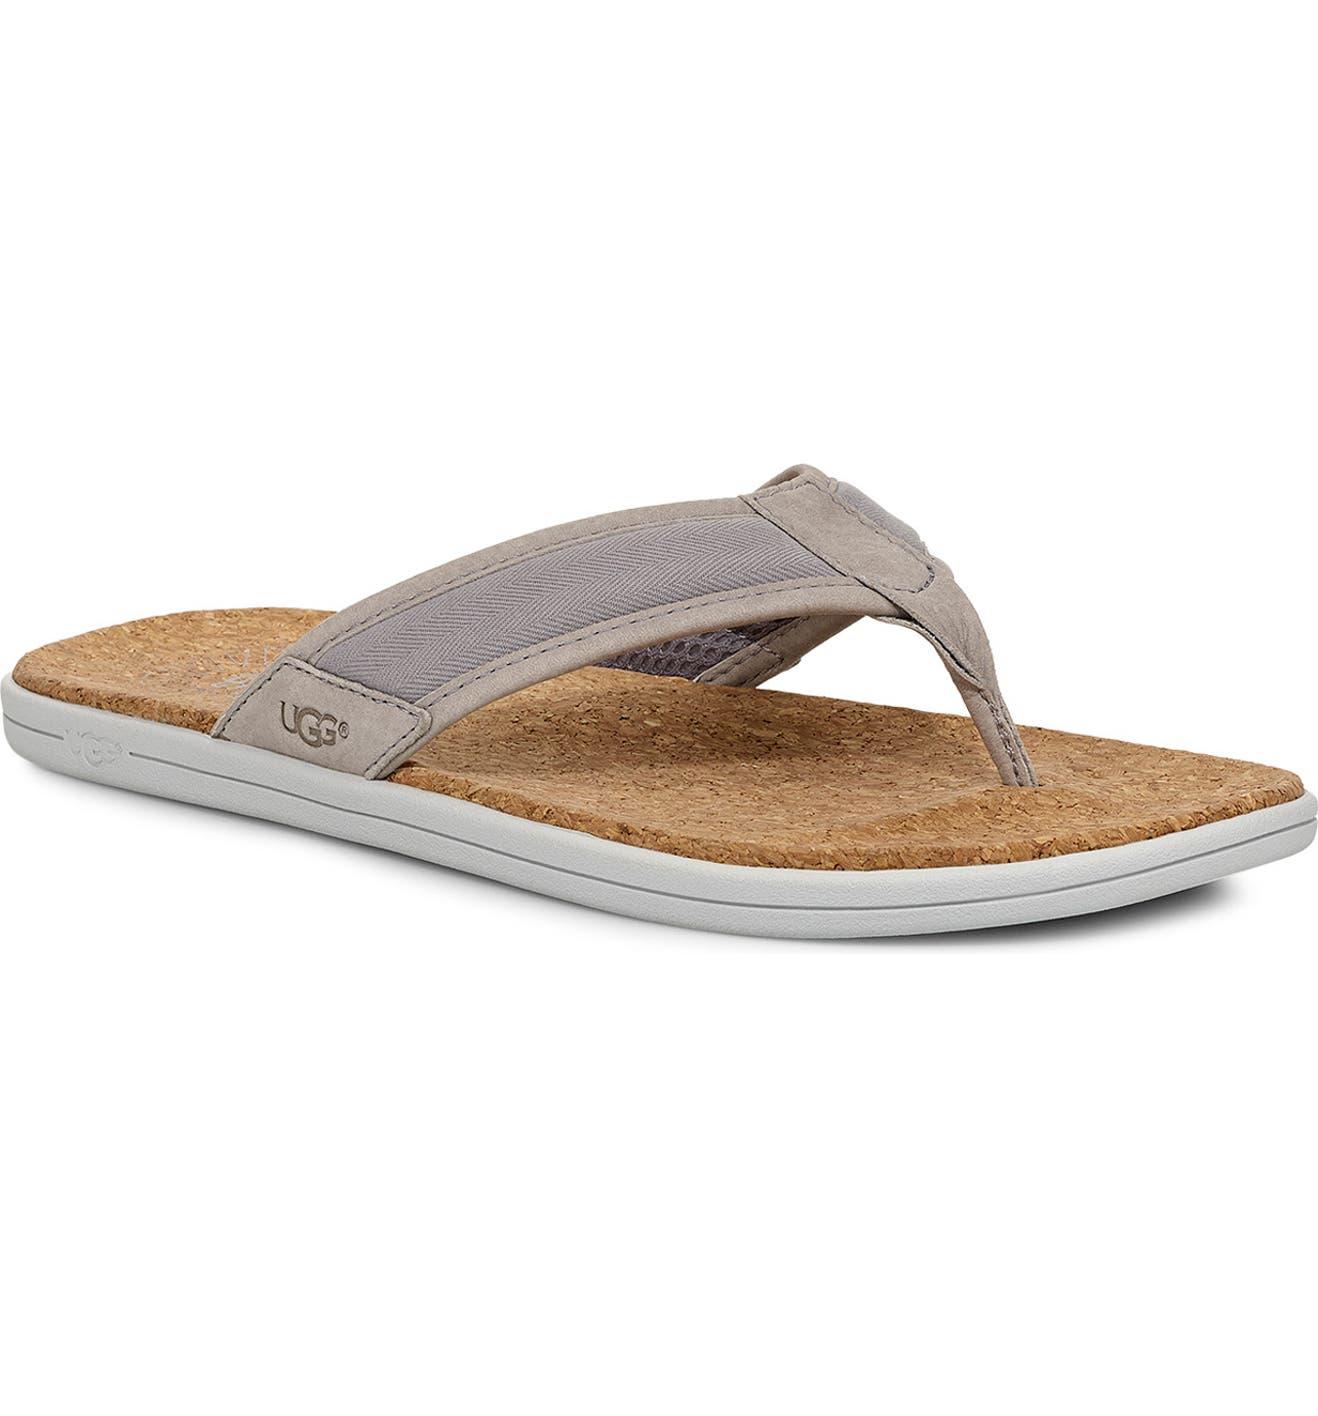 8c00ac10854 Seaside Flip Flop